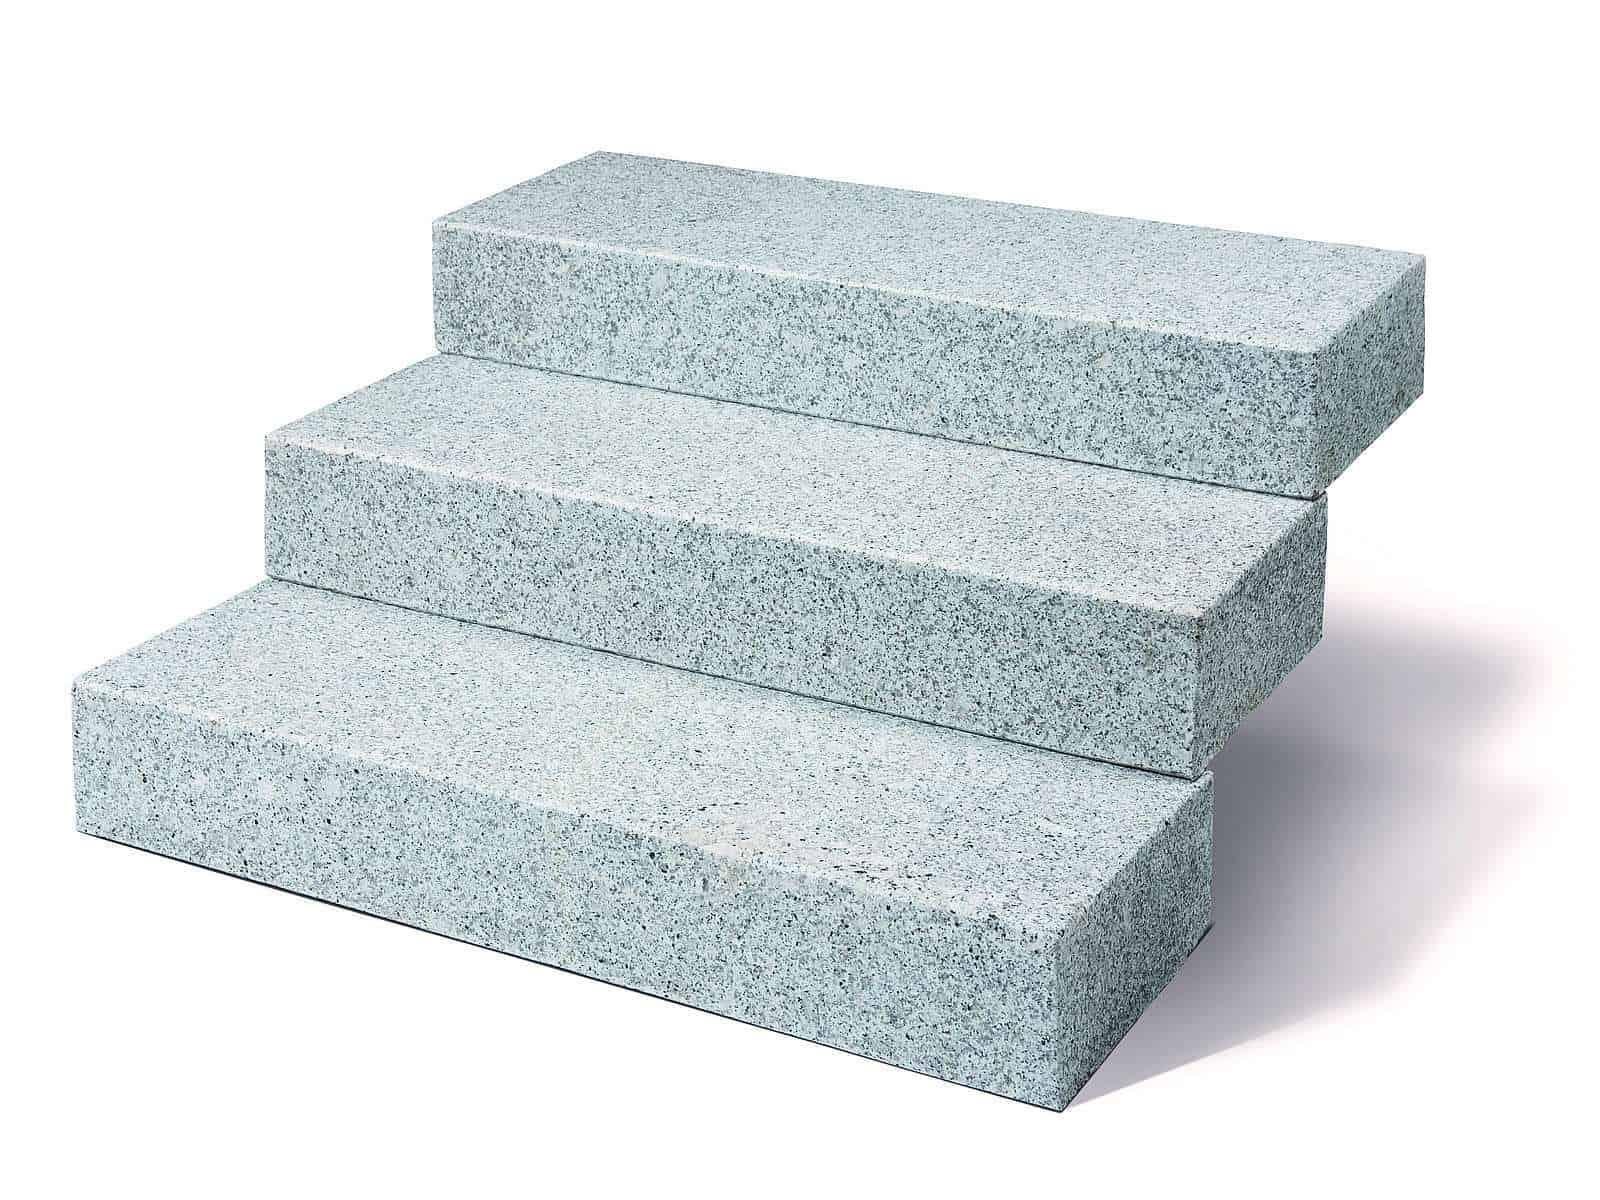 Blockstufe Granit Kristall grau